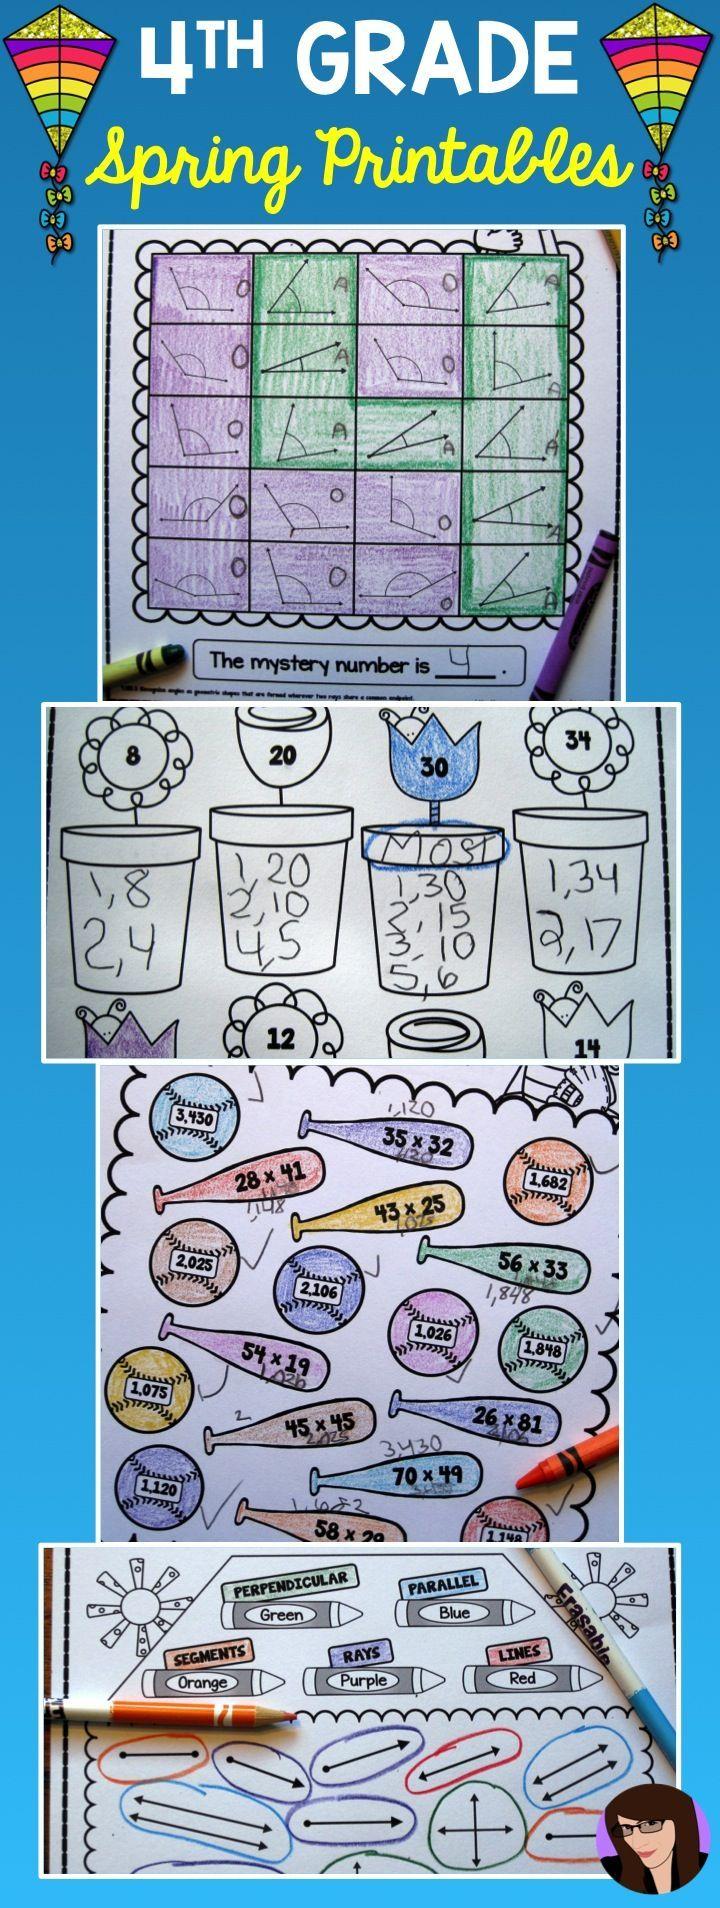 146 best Math images on Pinterest | Teaching math, Math activities ...